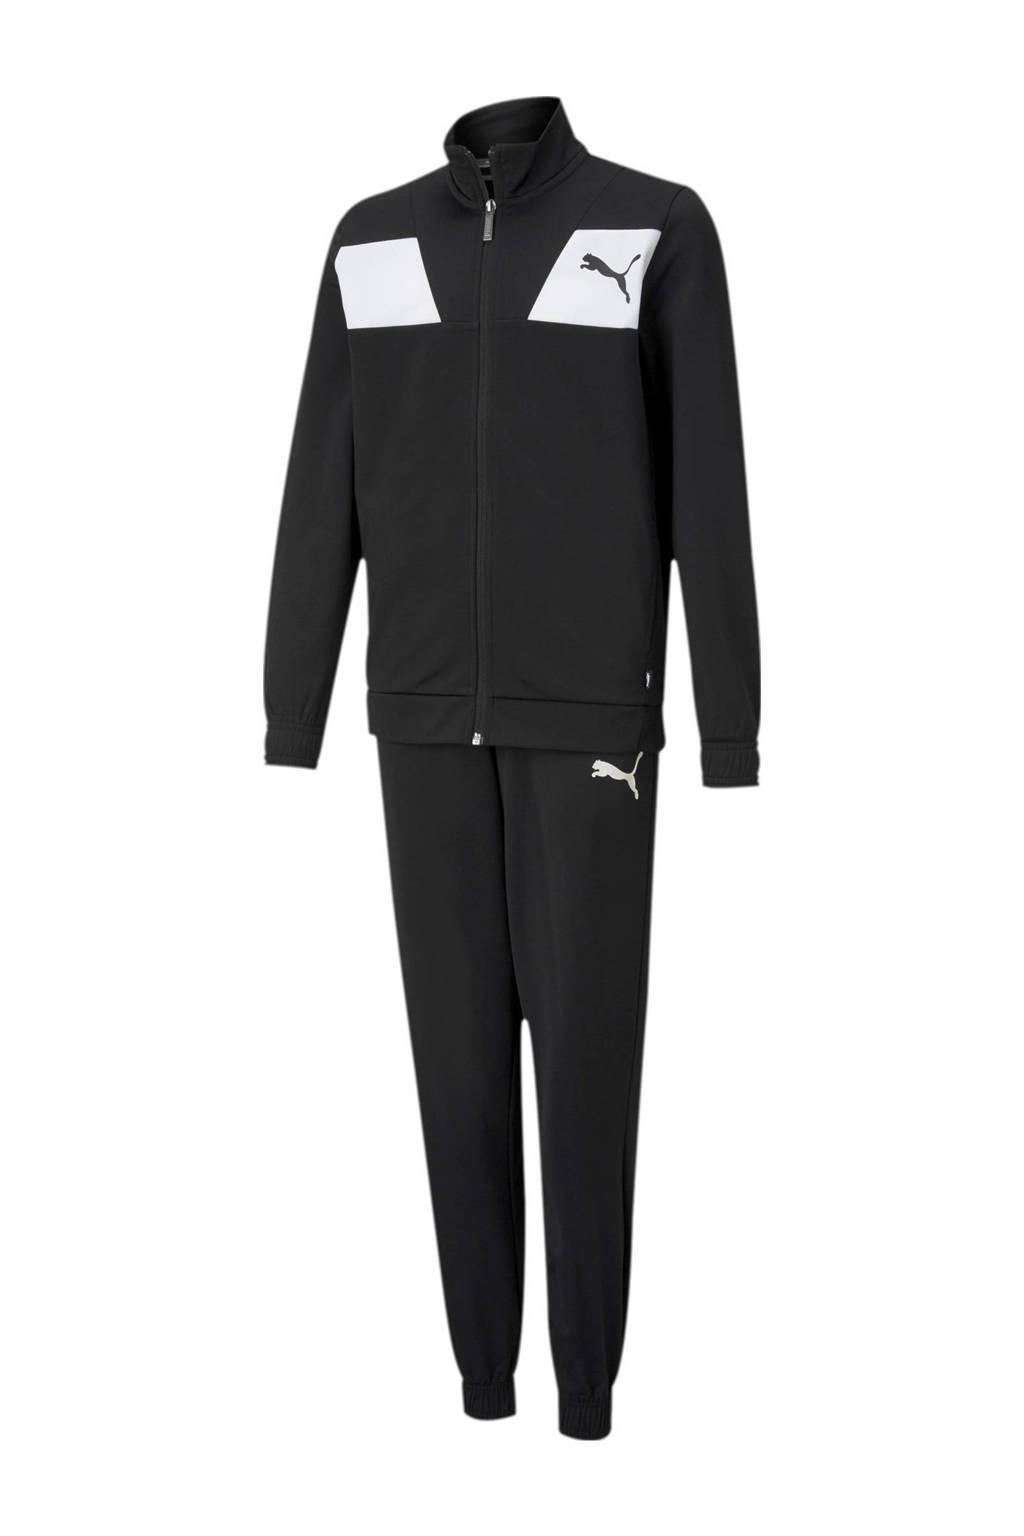 Puma   trainingspak zwart/wit, Zwart/wit